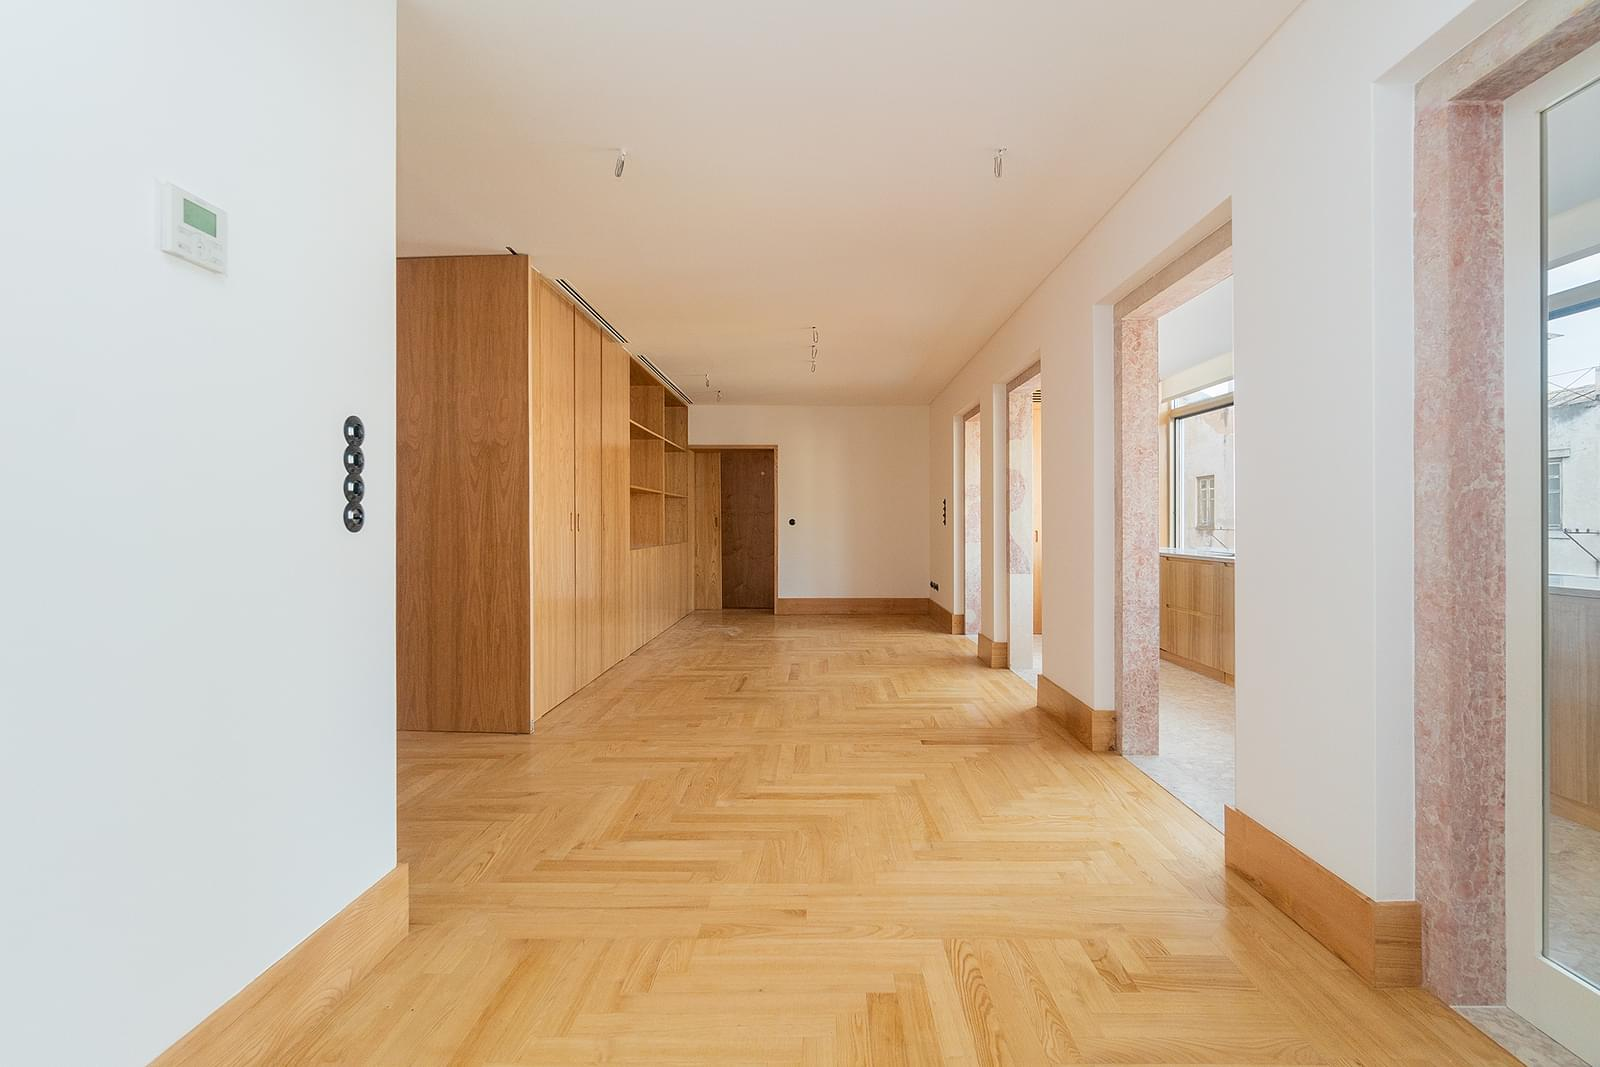 pf18665-apartamento-t3-2-lisboa-7ddbe6a8-d35d-4992-8661-d333e1f1c758